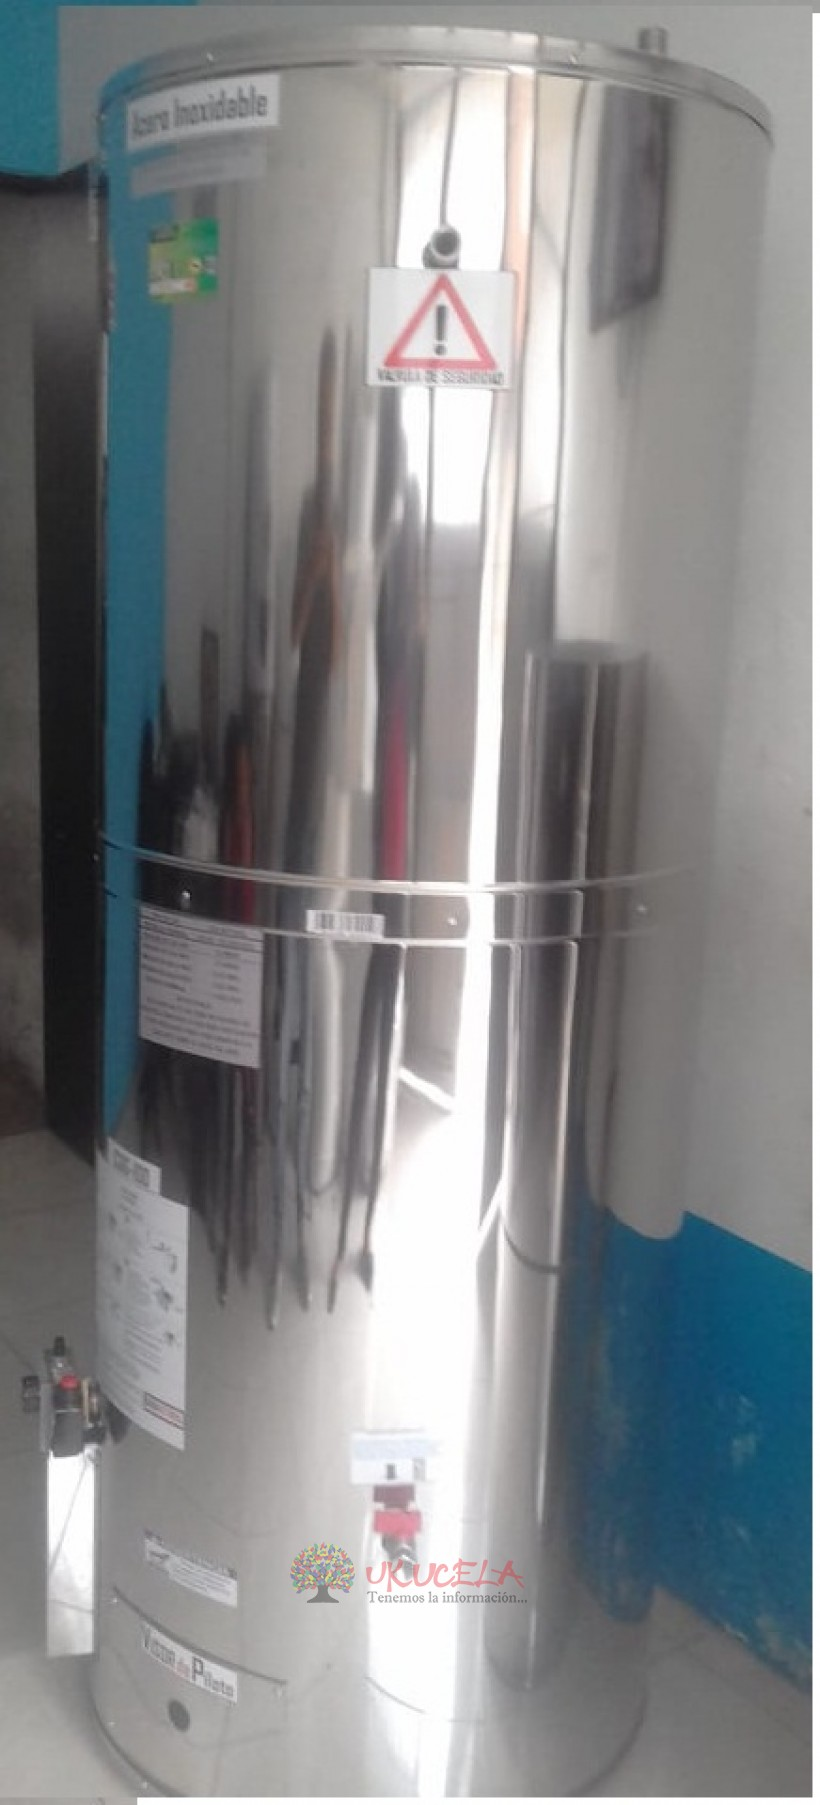 CALENTADORES EN ACERO INOXIDABLE A GAS Y ELECTRICOS TEL 31741509838